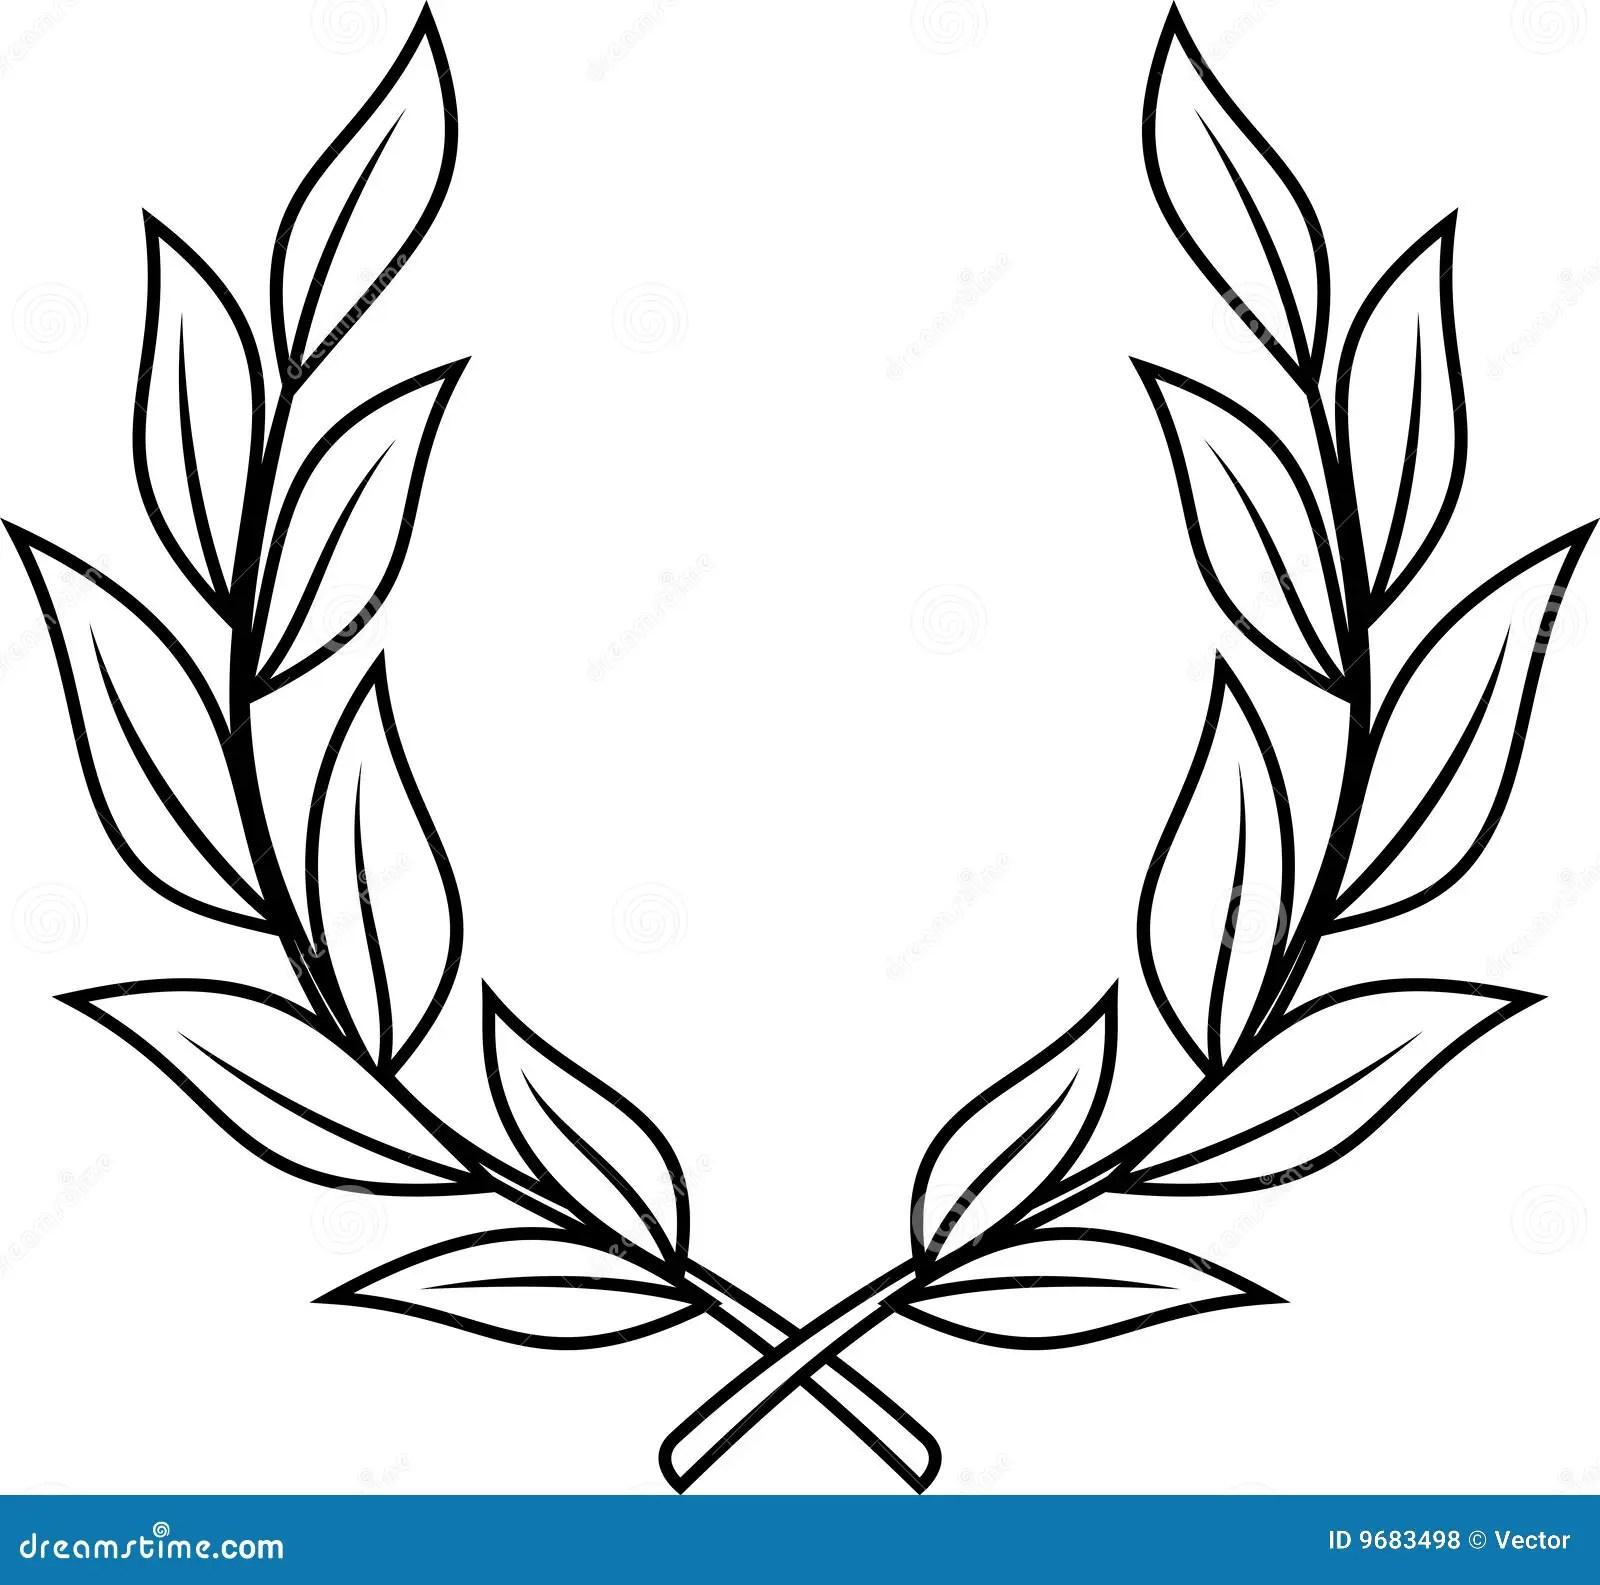 Laurel Wreath Vector Stock Vector Illustration Of